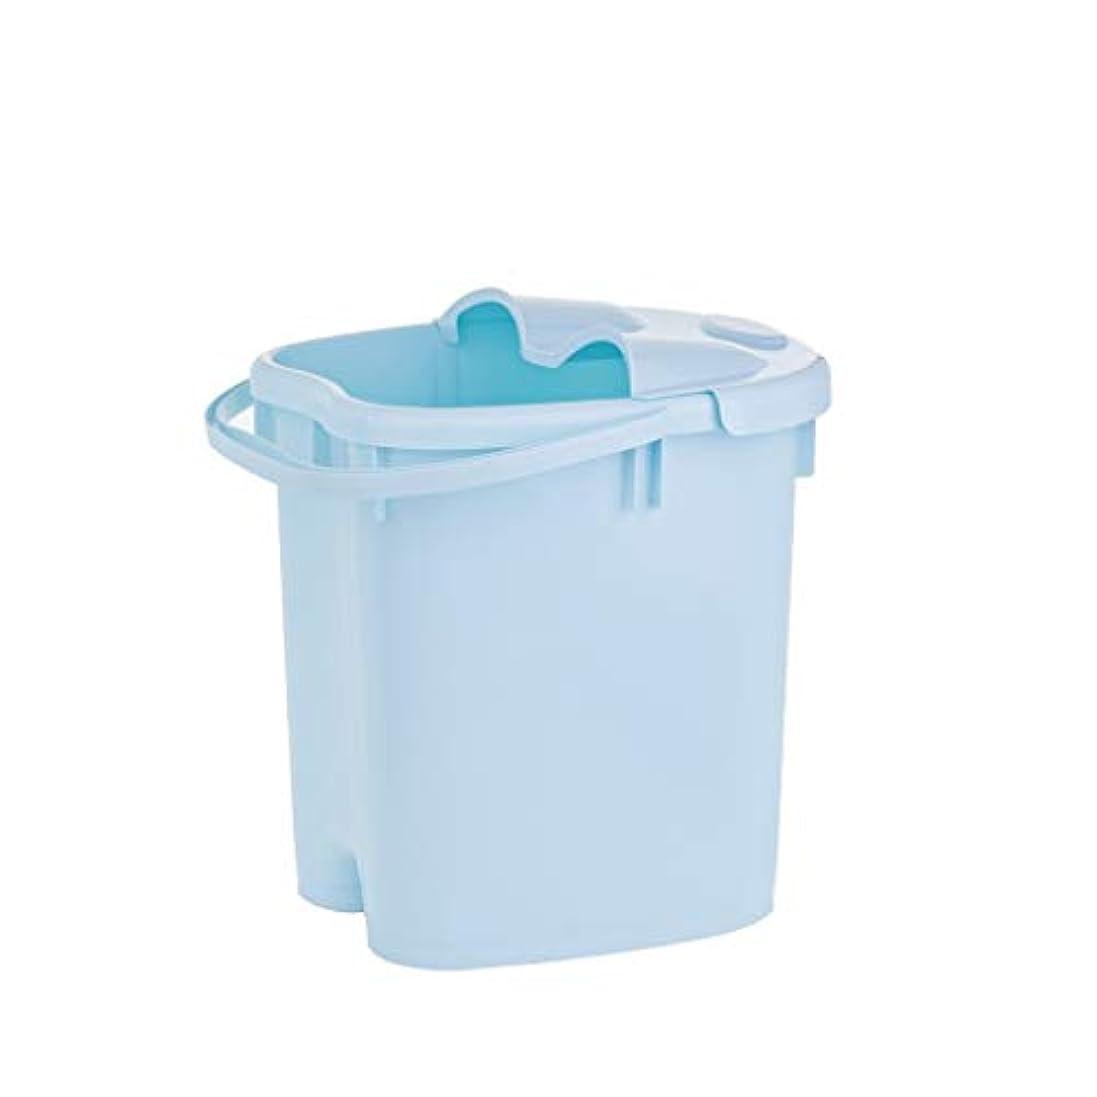 折看板幾分フットバスバレル- ?AMTシンプルな和風マッサージ浴槽ポータブル足湯バケツプラスチック付きふた保温足浴槽 Relax foot (色 : 青, サイズ さいず : 39cm high)